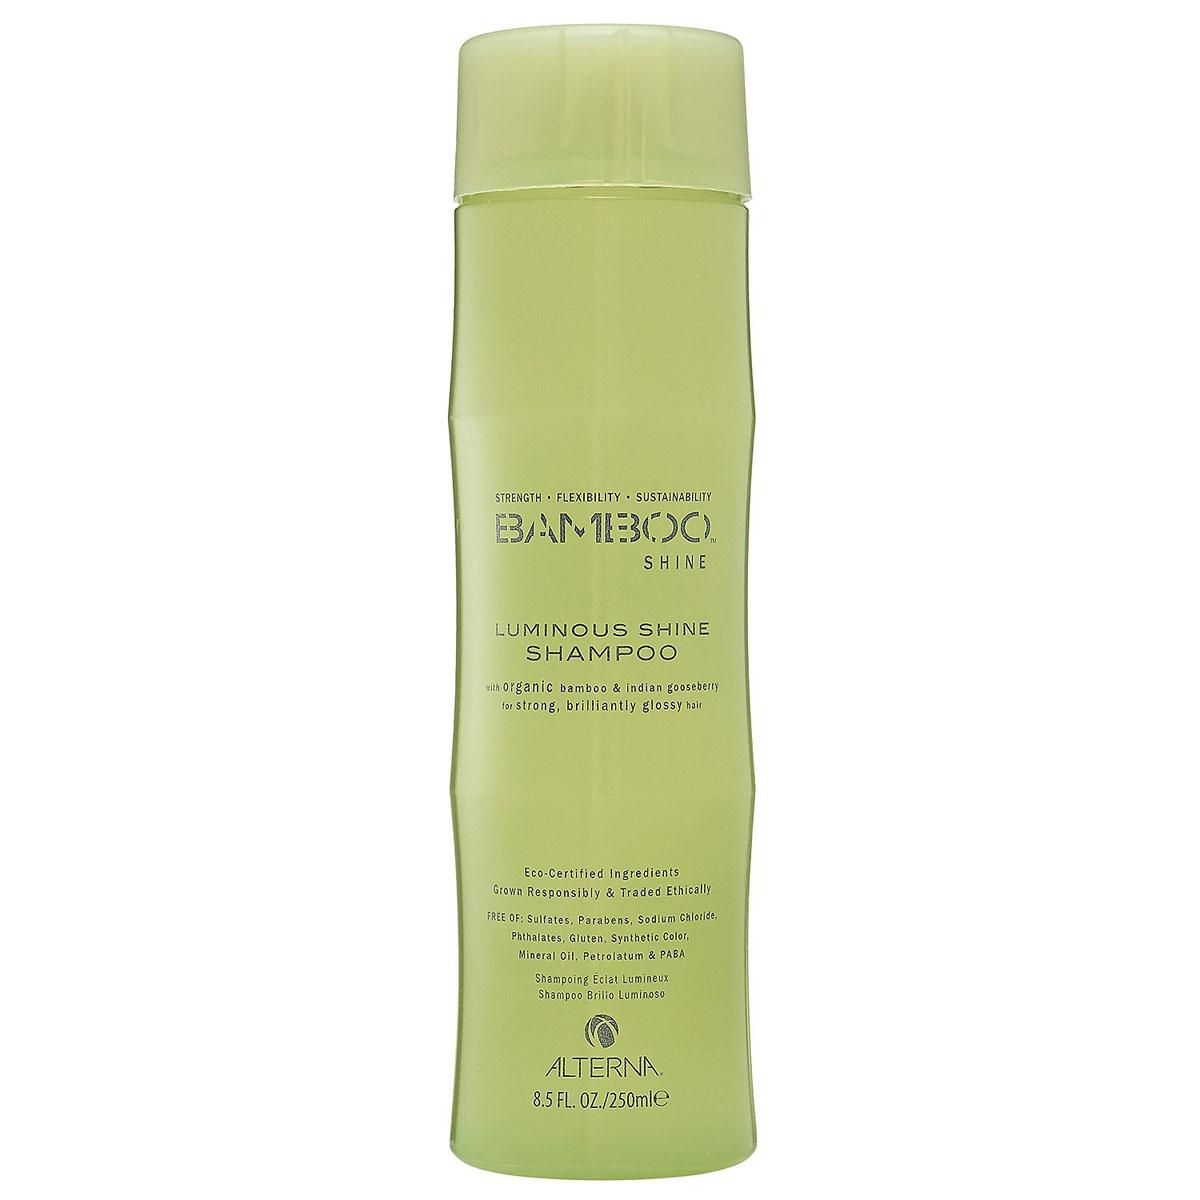 Alterna Шампунь для сияния и блеска волос (безсульфатный) Bamboo Luminous Shine Shampoo - 250 мл46010Органическое масло индийского крыжовника и экстракт бамбука, входящие в состав шампуня Bamboo Luminous Shine Shampoo помогут оптимально увлажнить и укрепить волосы, делая их гладкими, сильными и шелковистыми. Технология Color Hold позволит окрашенным волосам дольше сохранять цвет, не вымывая его. Идеально подходит для светлых волос. Результат: очищает волосы без использования сульфатов. Оптимально увлажняет и укрепляет волосы. Сохраняет яркость цвета окрашенных и натуральных волос. Улучшает внешний вид волос. Разглаживает волосы, придает им гладкость и блеск.